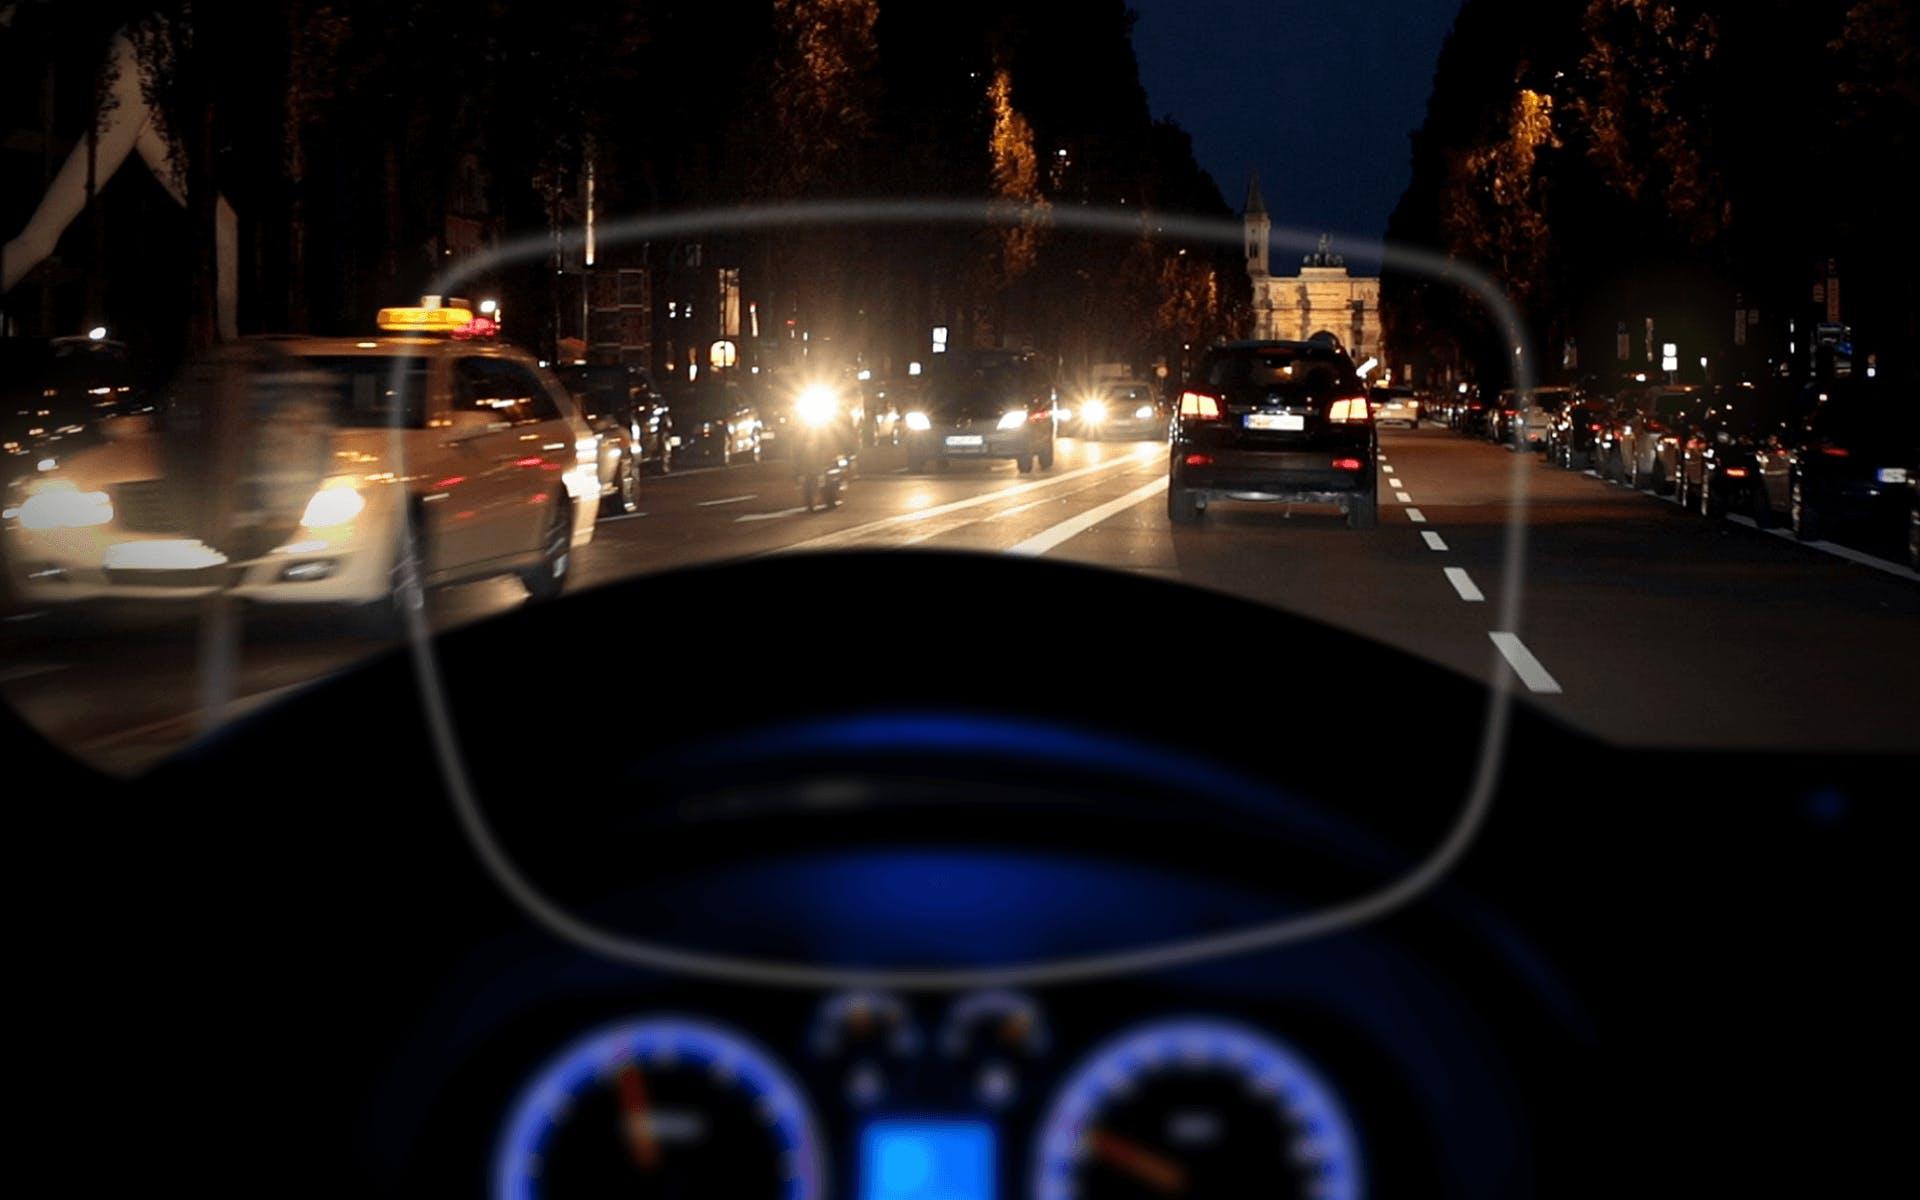 drivesafe far